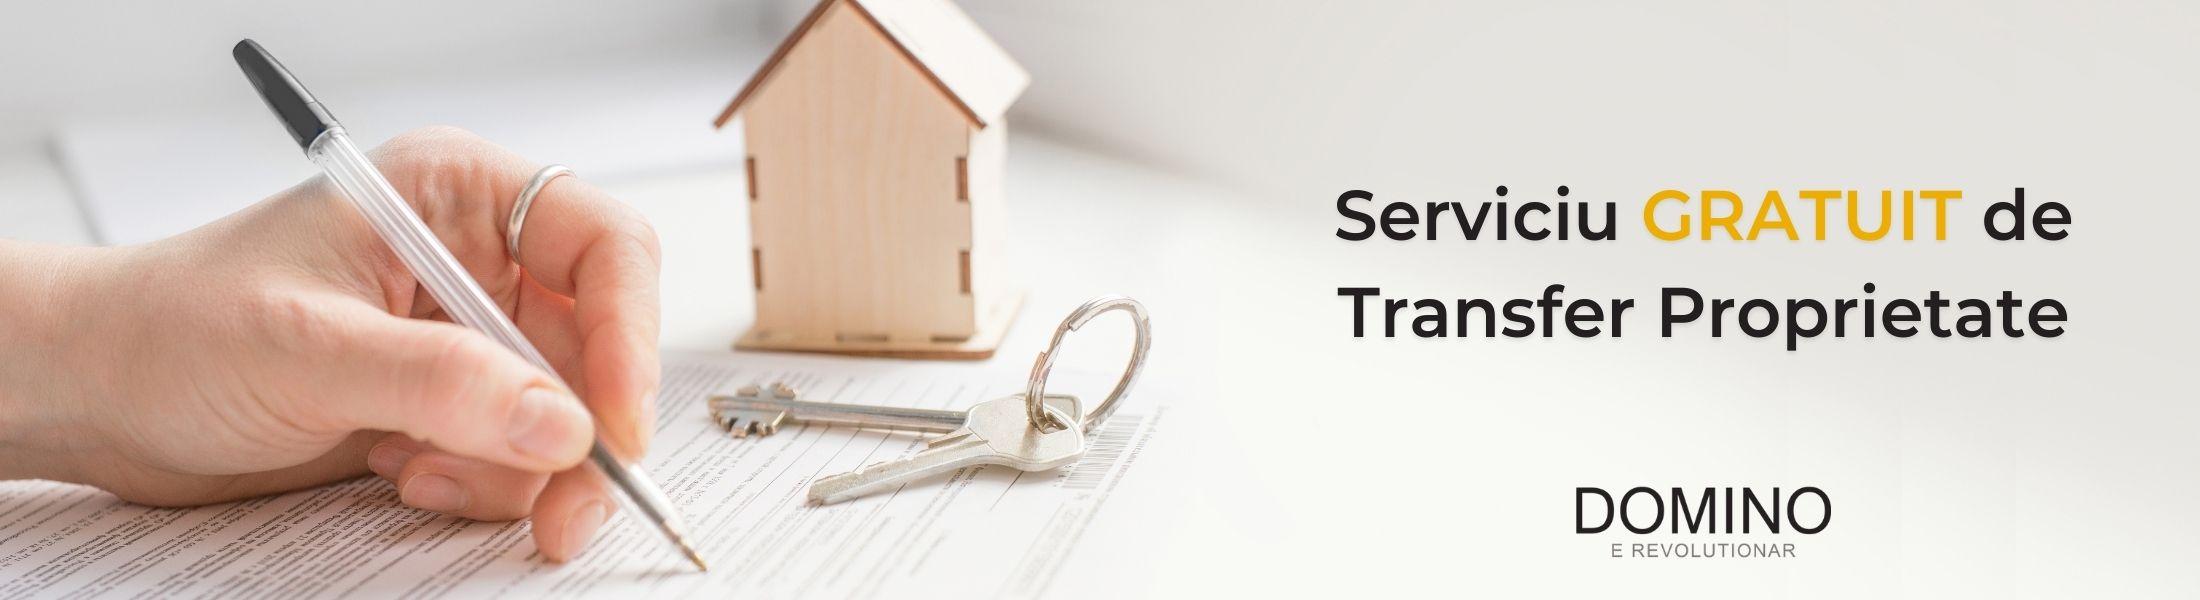 serviciu gratuit de transfer proprietate